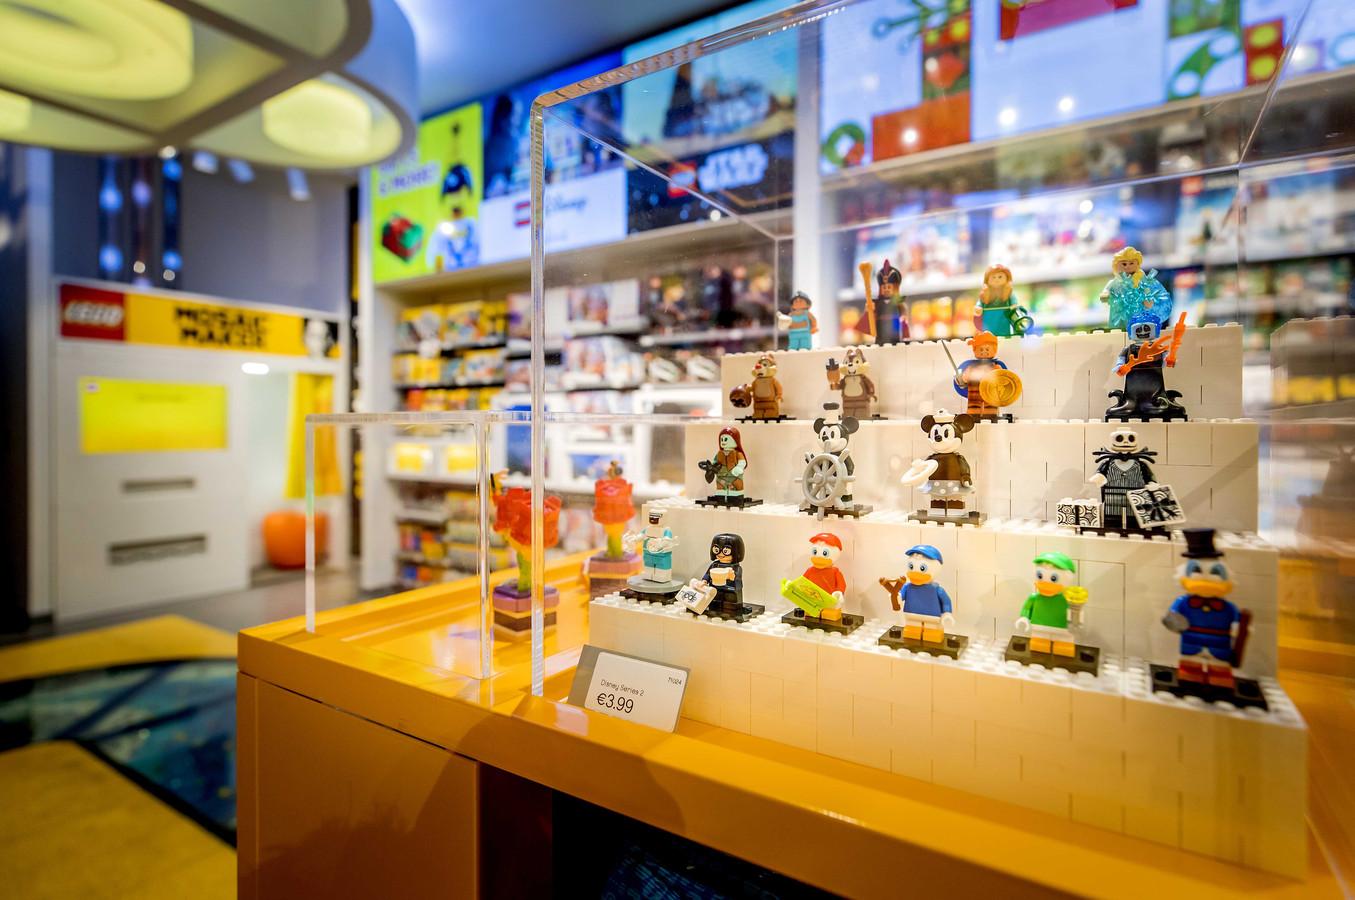 Lego is niet alleen voor kinderen, zeker niet volgens de gemeenschap van AFOLs.